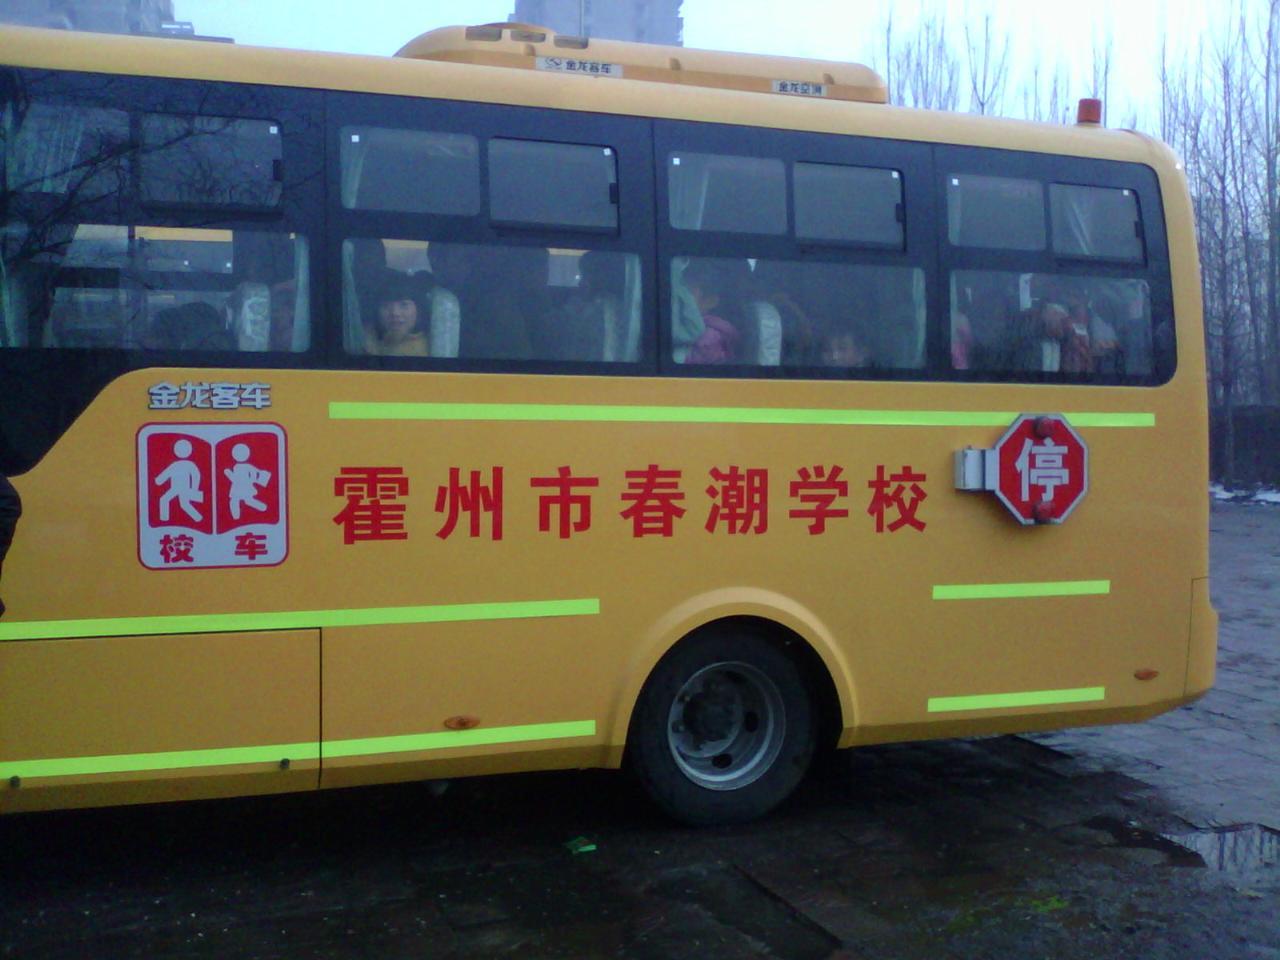 我们的校车(春潮学校)